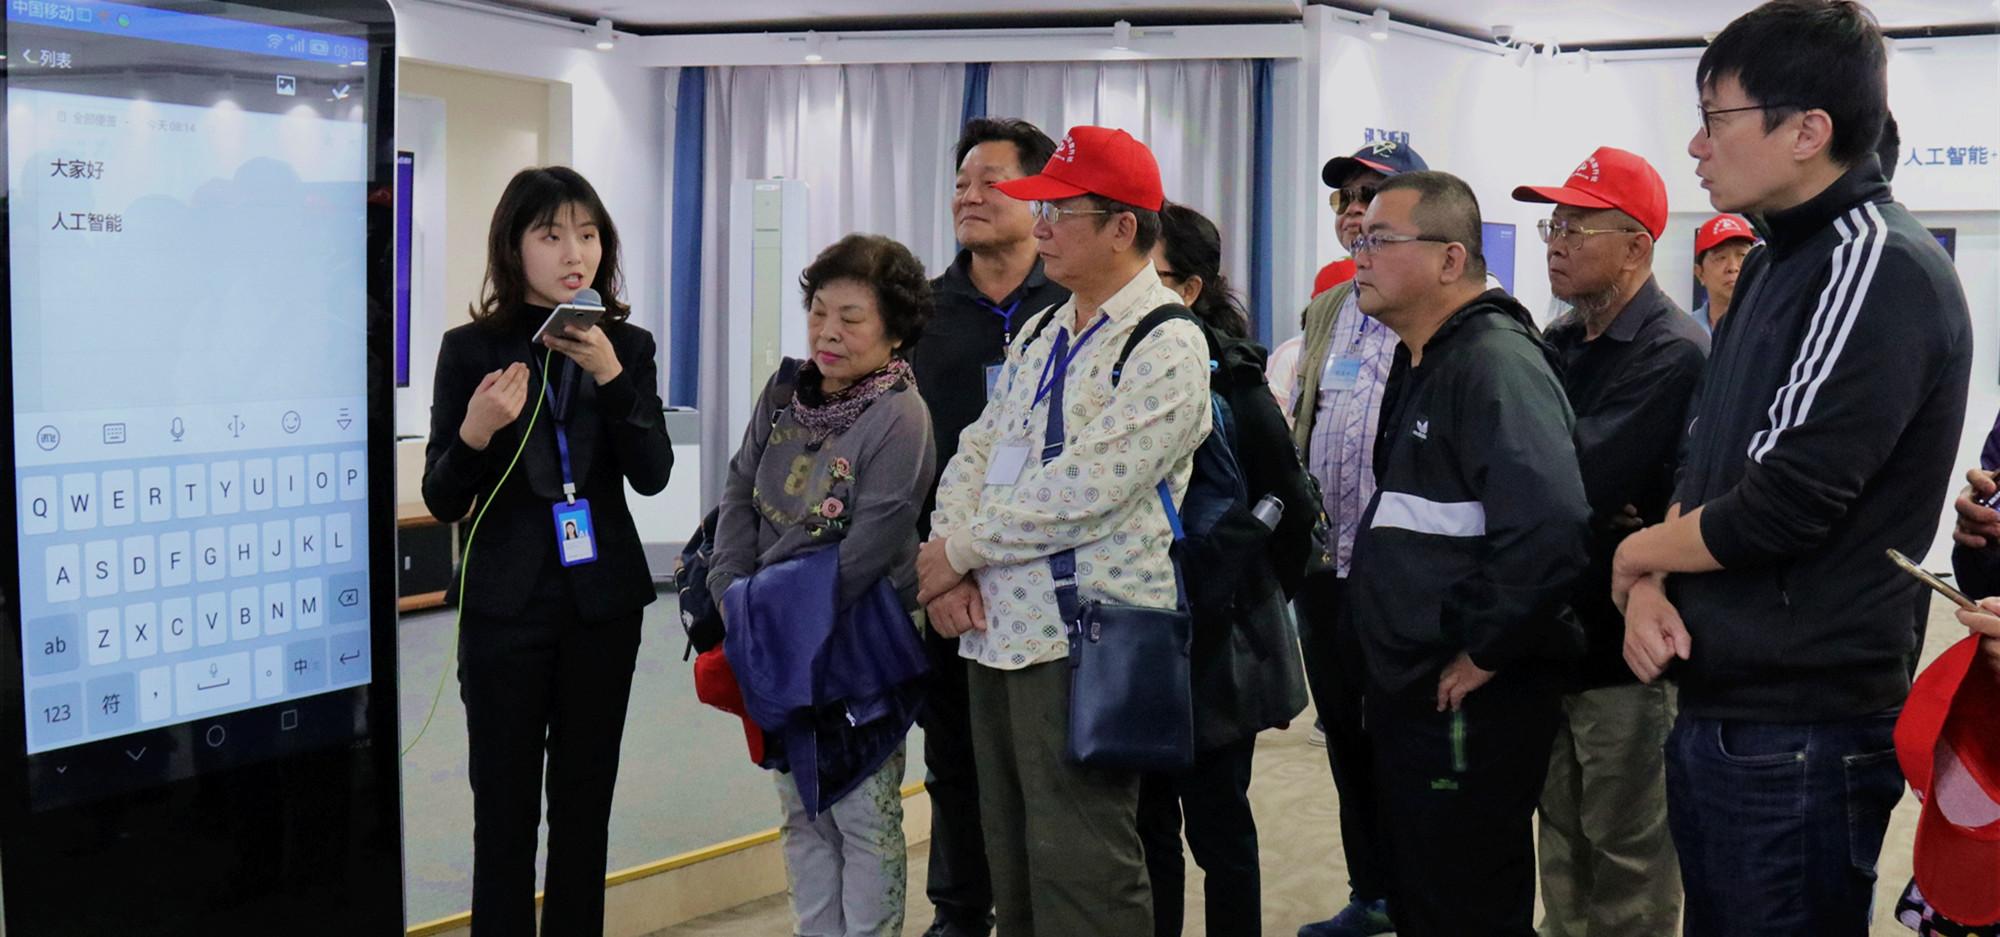 台湾高雄基层民众参访团赴安徽考察新农村建设